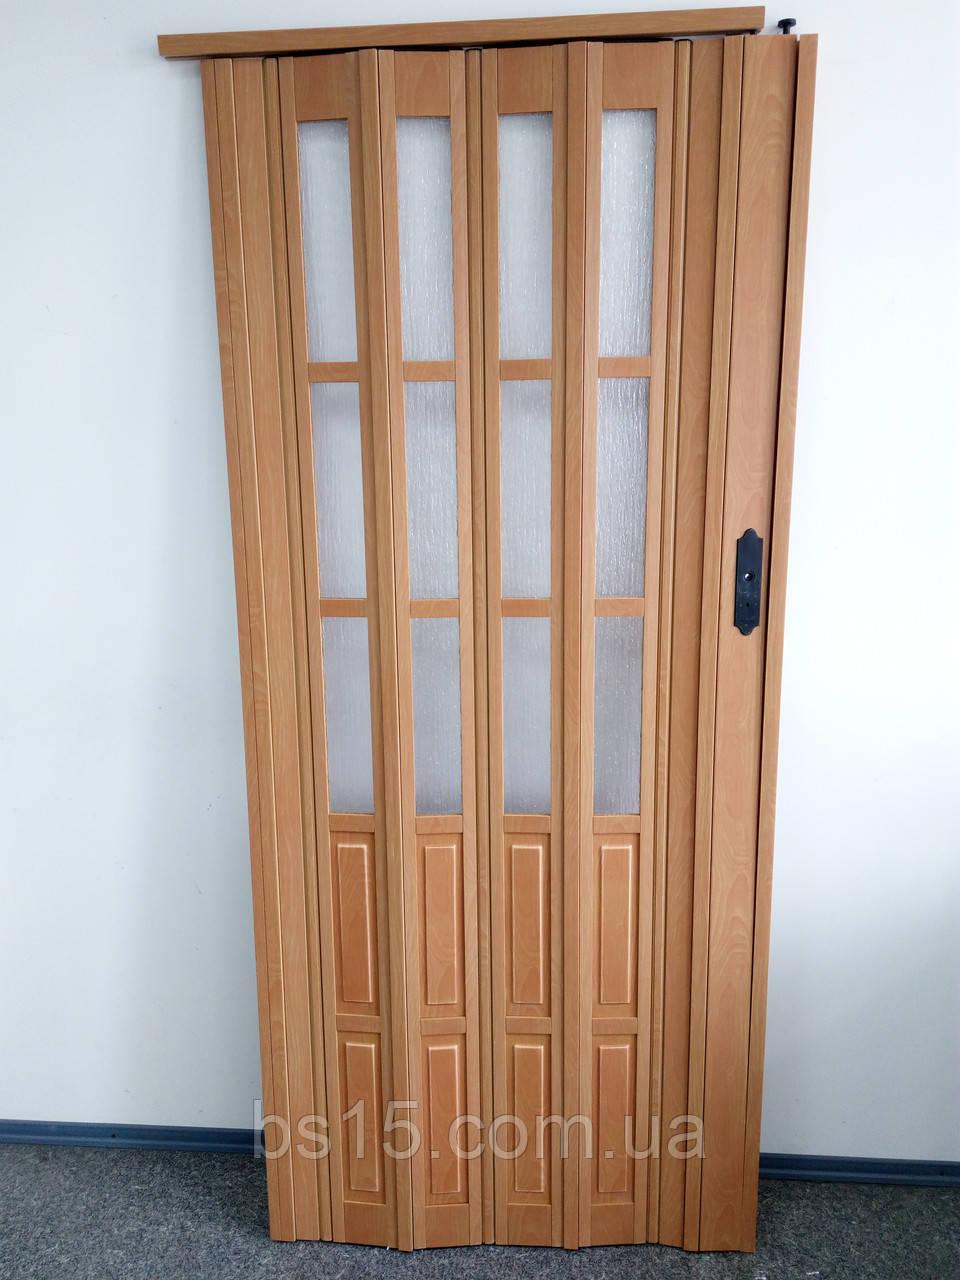 дверь гармошка полуостекленная вишня 501 860х2030х12мм Biglua